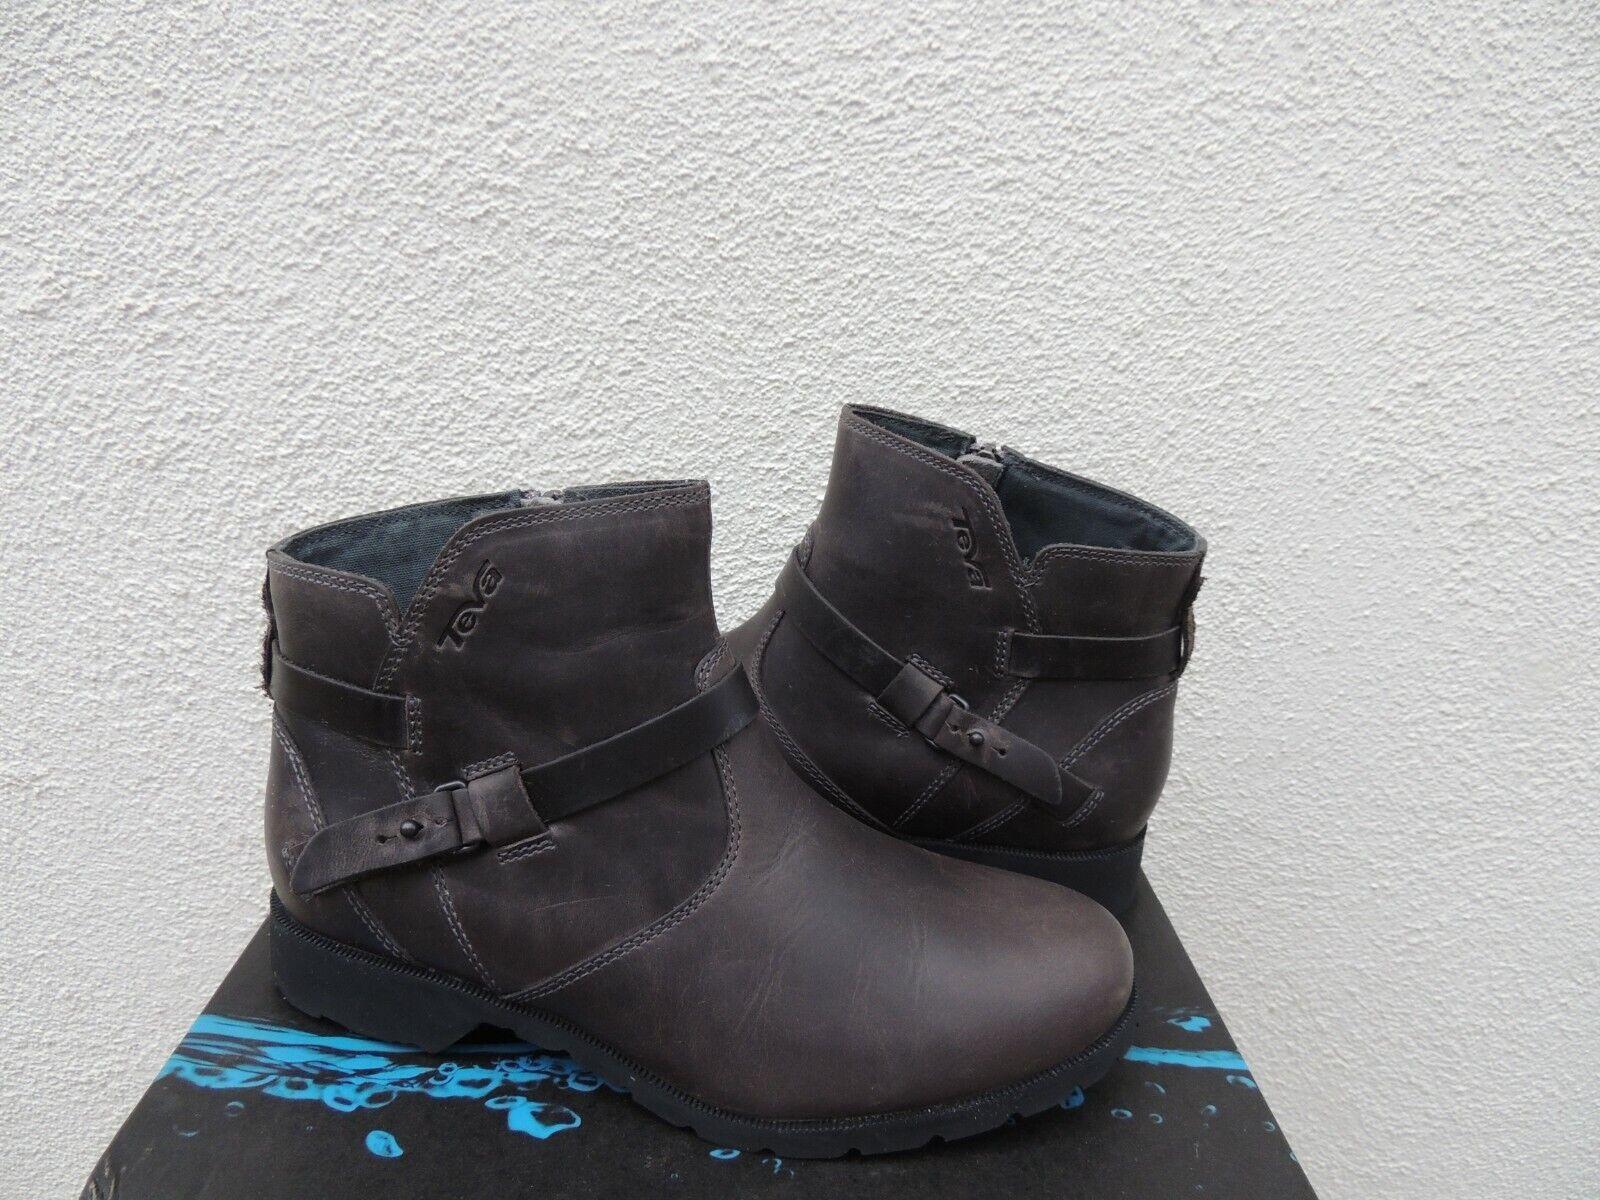 Teva De La Vina Tobillo botas De Cuero Impermeable gris, EE. UU. 6.5 37.5 euros  Nuevo En Caja